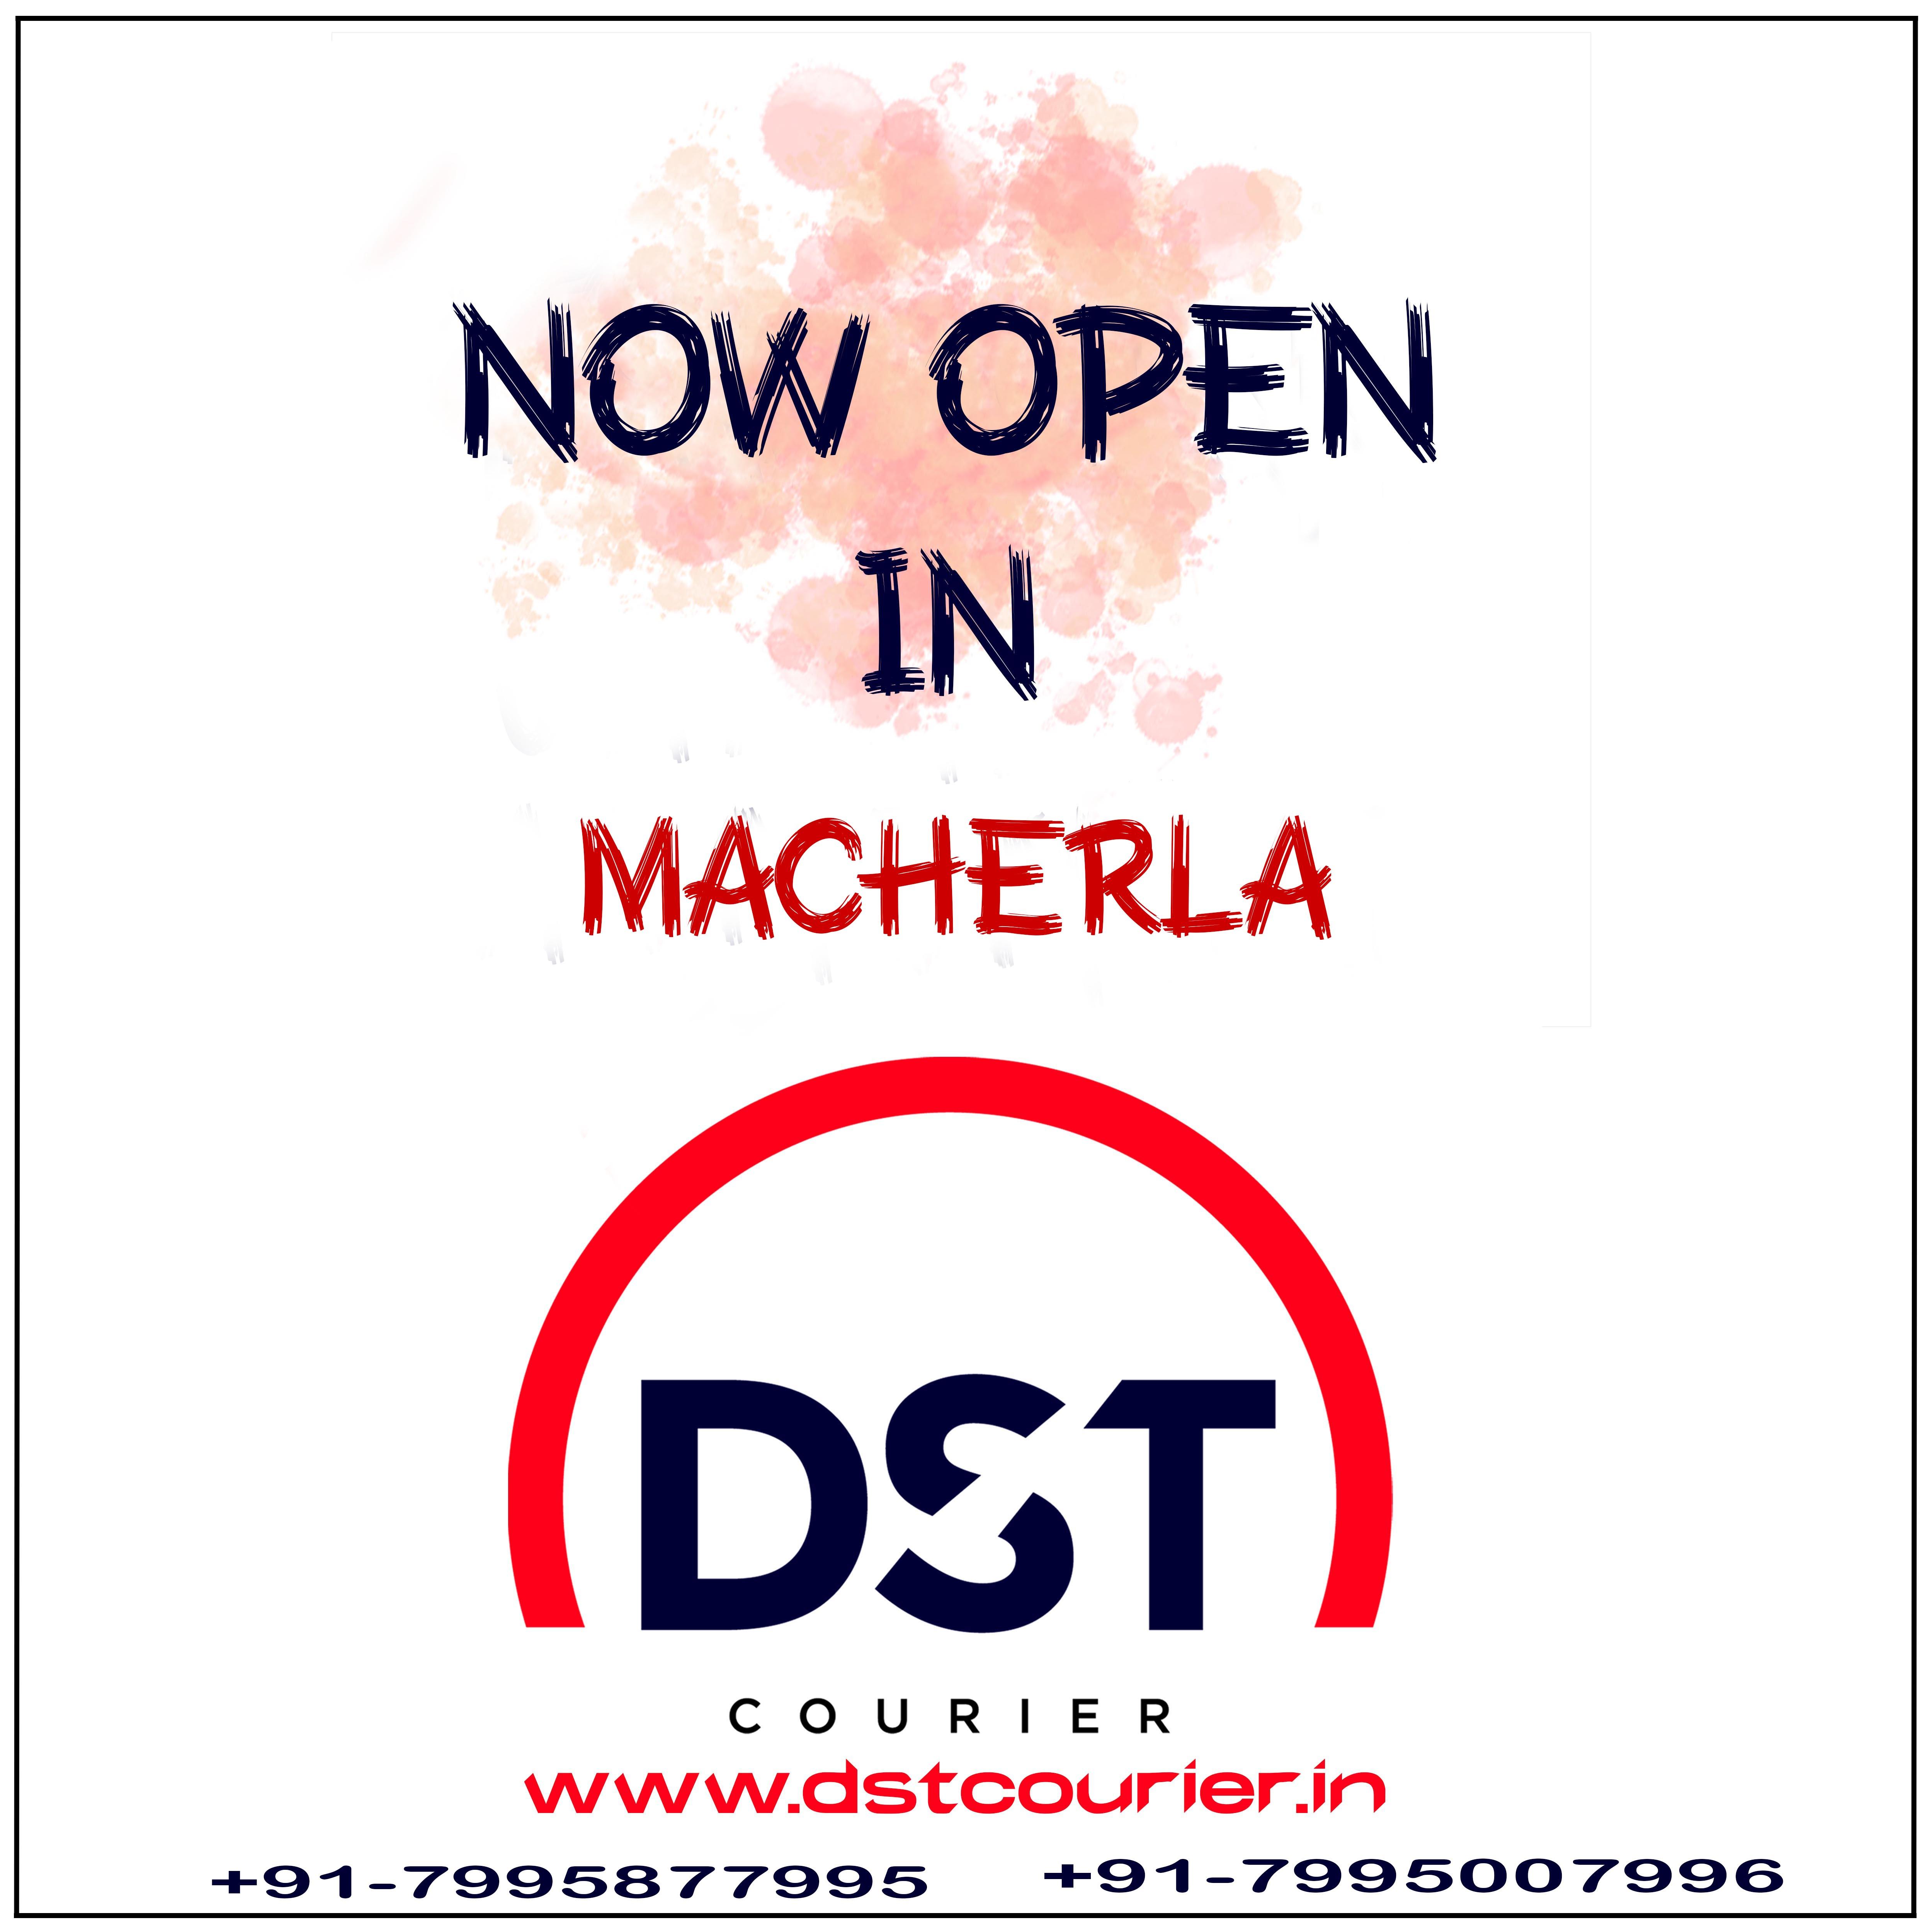 NOW OPEN IN MACHERLA